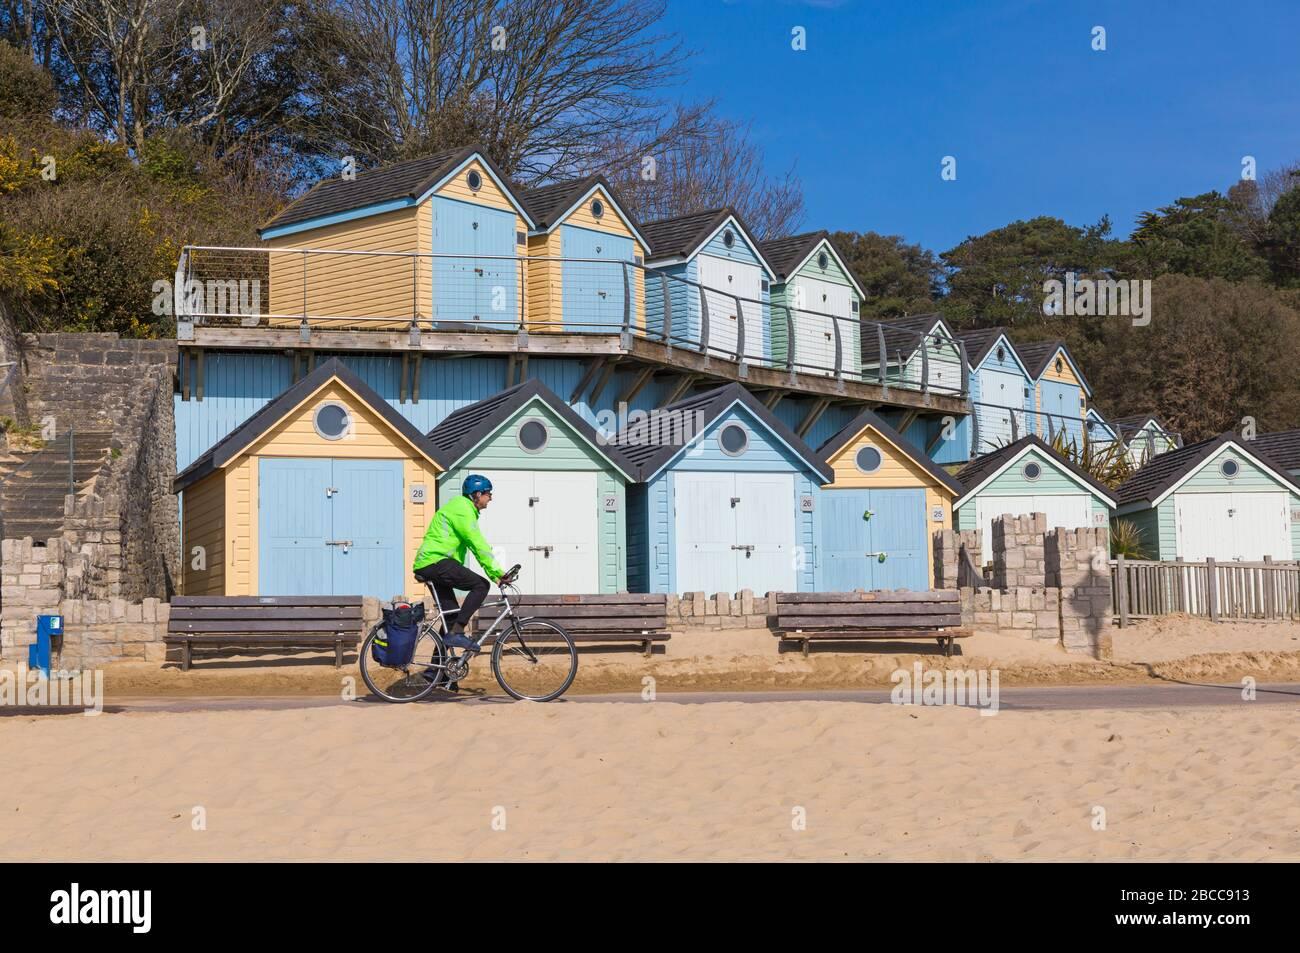 Bournemouth, Dorset Royaume-Uni. 4 avril 2020. Les plages de Bournemouth sont principalement vides à part ceux qui visitent la mer pour faire leur exercice autorisé, comme les visiteurs ont conseillé de rester à la maison et de respecter les restrictions de Coronavirus pour les distanciation sociale, avec des parkings fermés pour dissuader les visiteurs de conduire à l'afar. Les cyclistes longent la promenade en passant devant les huttes de plage à Alum Chine alors que le soleil sort et le ciel bleu - homme à vélo d'équitation. Crédit: Carolyn Jenkins/Alay Live News Banque D'Images